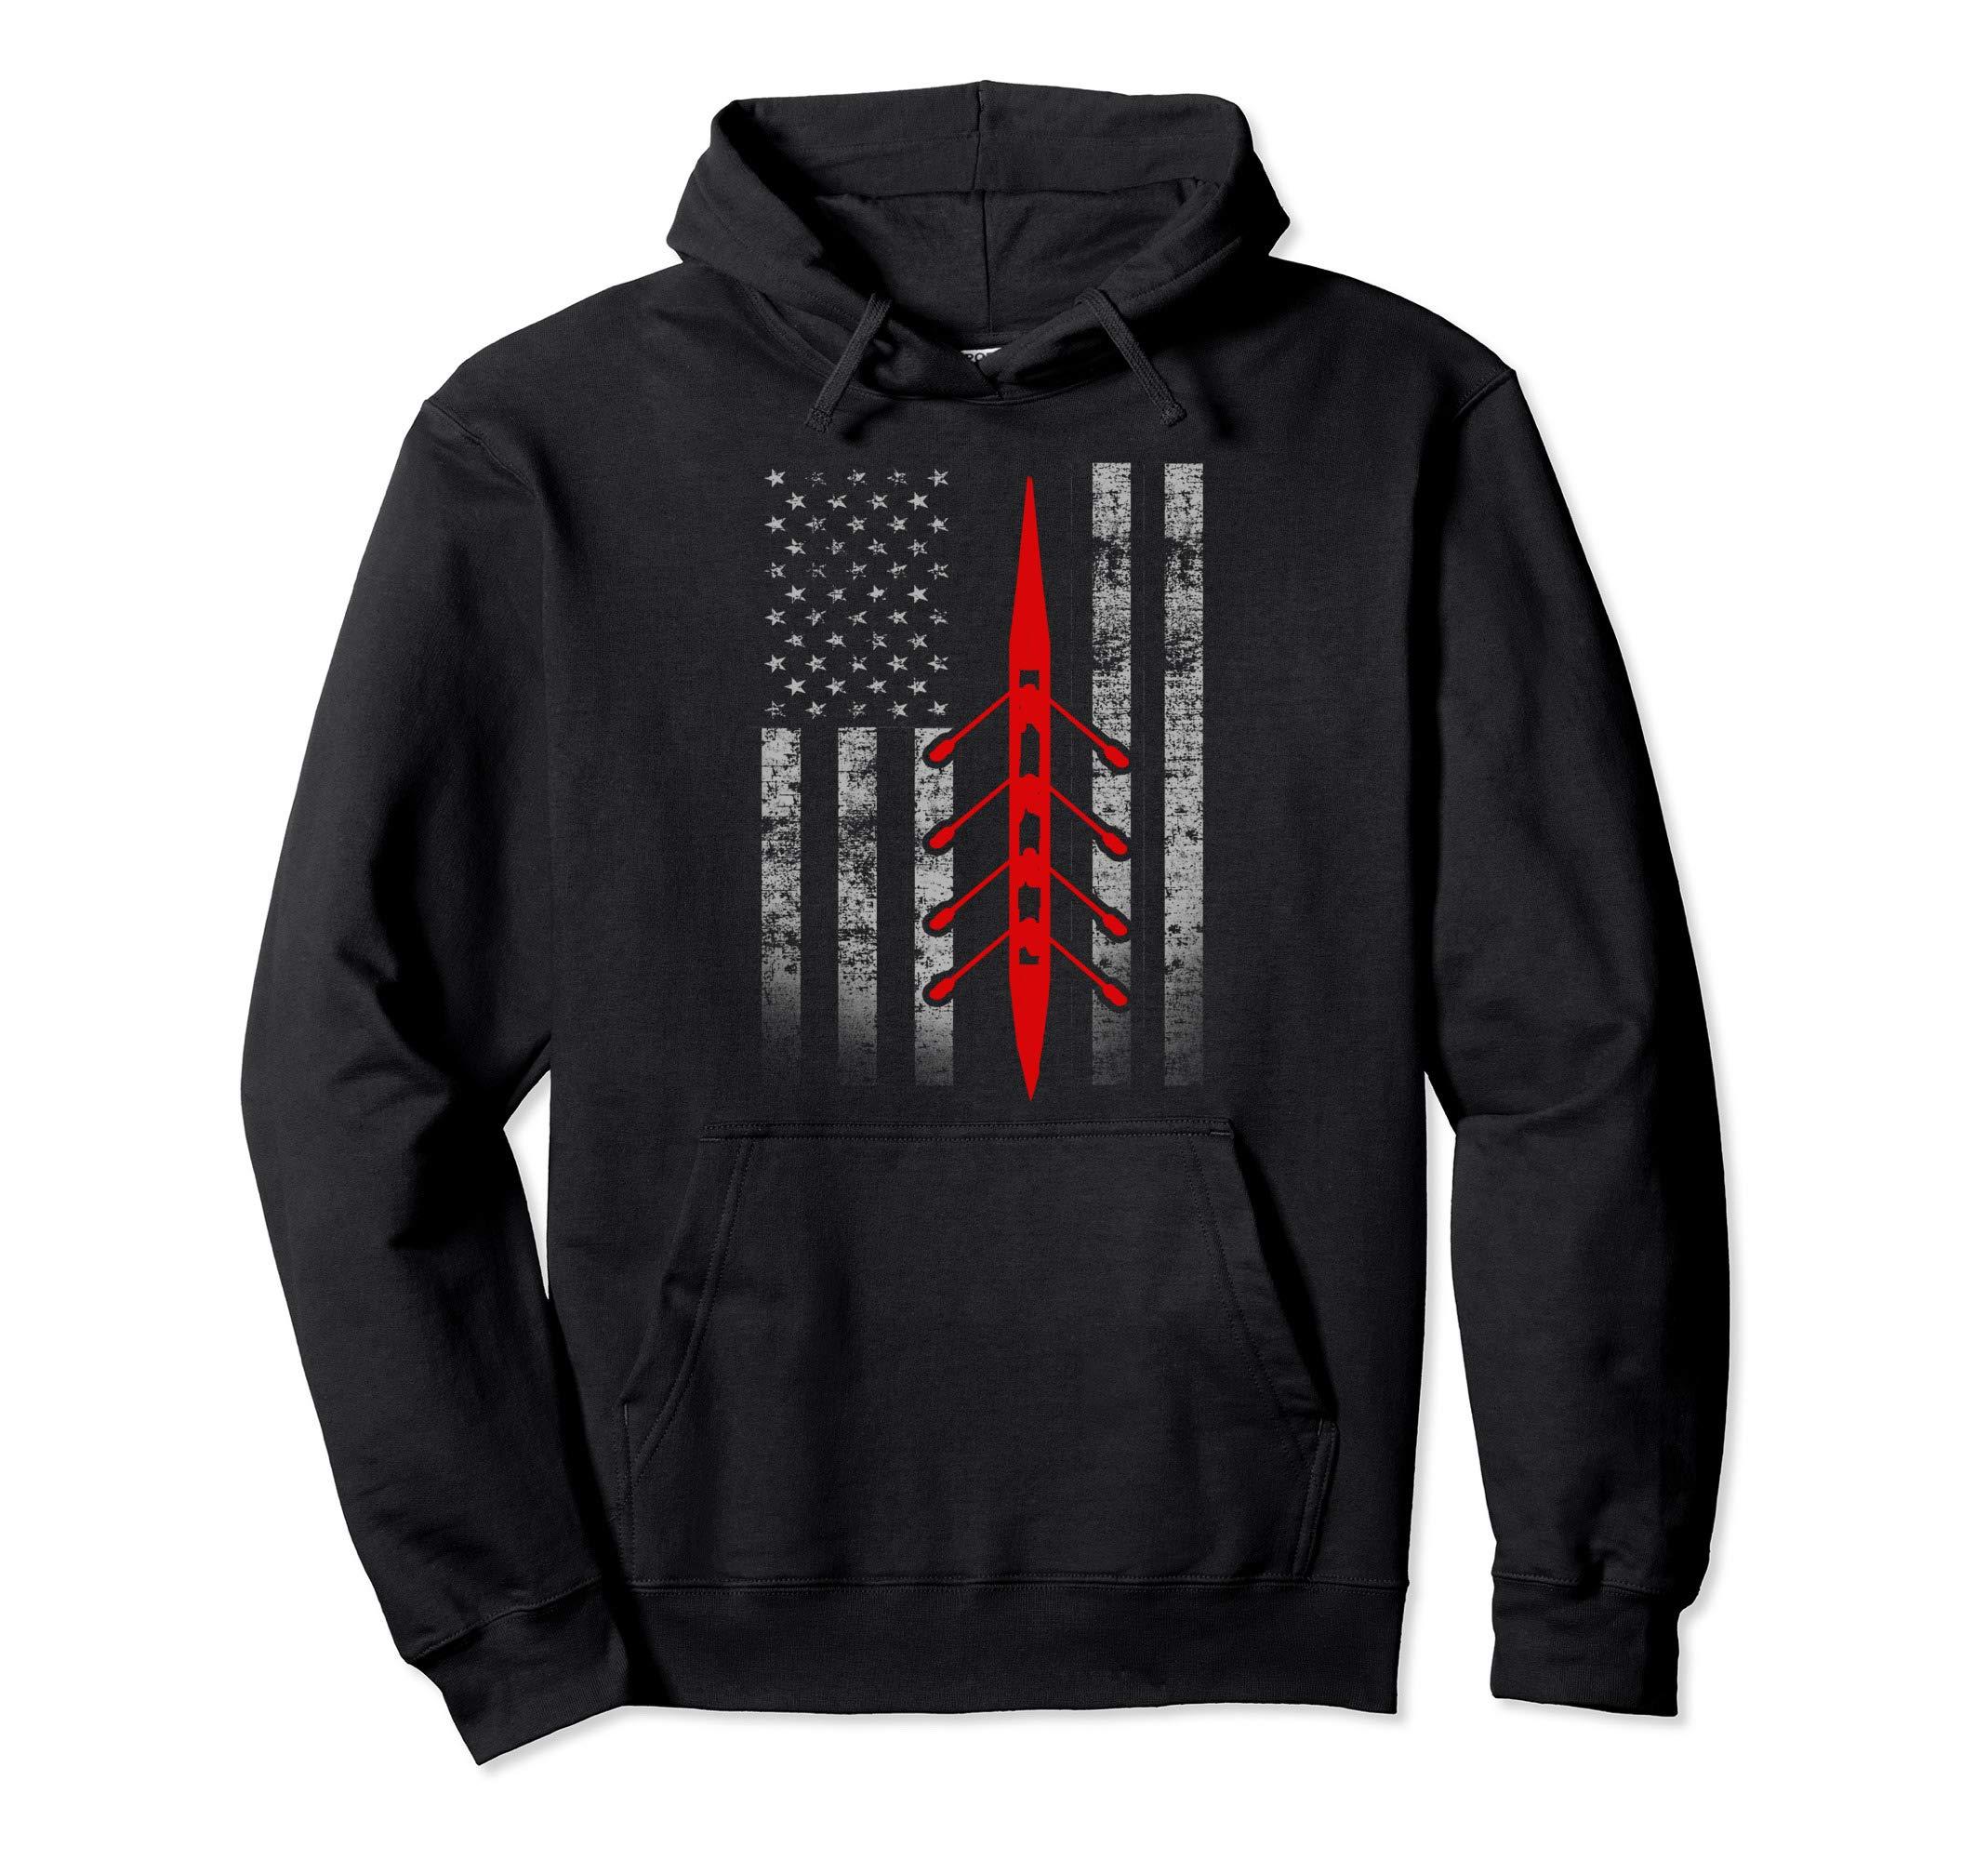 Rowing Flag Hoodie - Rowing Boat Flag Hooded Sweatshirt by Cool Rowing Flag Clothing